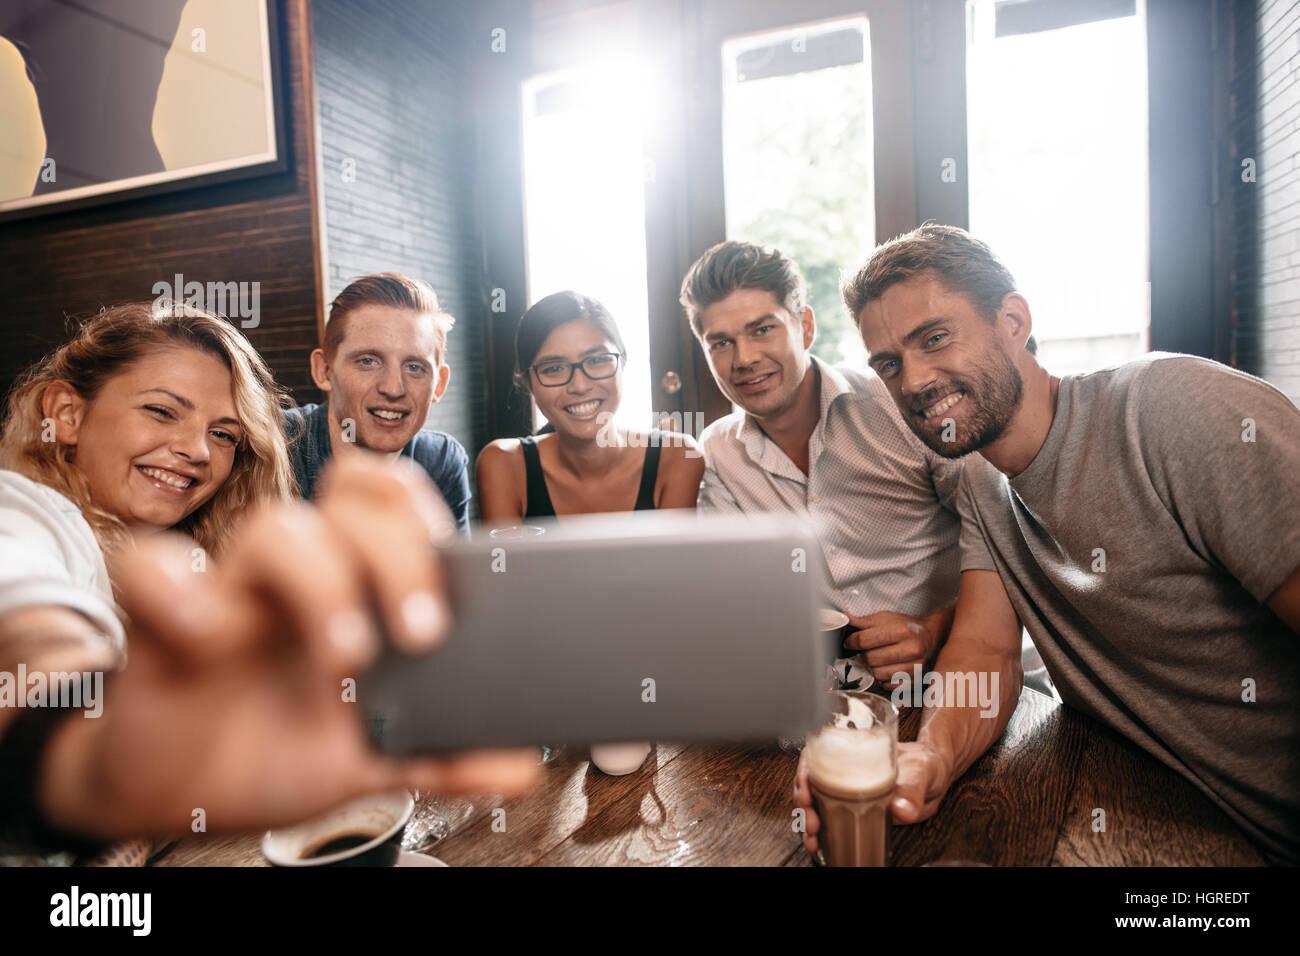 Divers groupes d'amis en tenant sur selfies téléphone intelligent. Les jeunes, hommes et femmes, assis Photo Stock